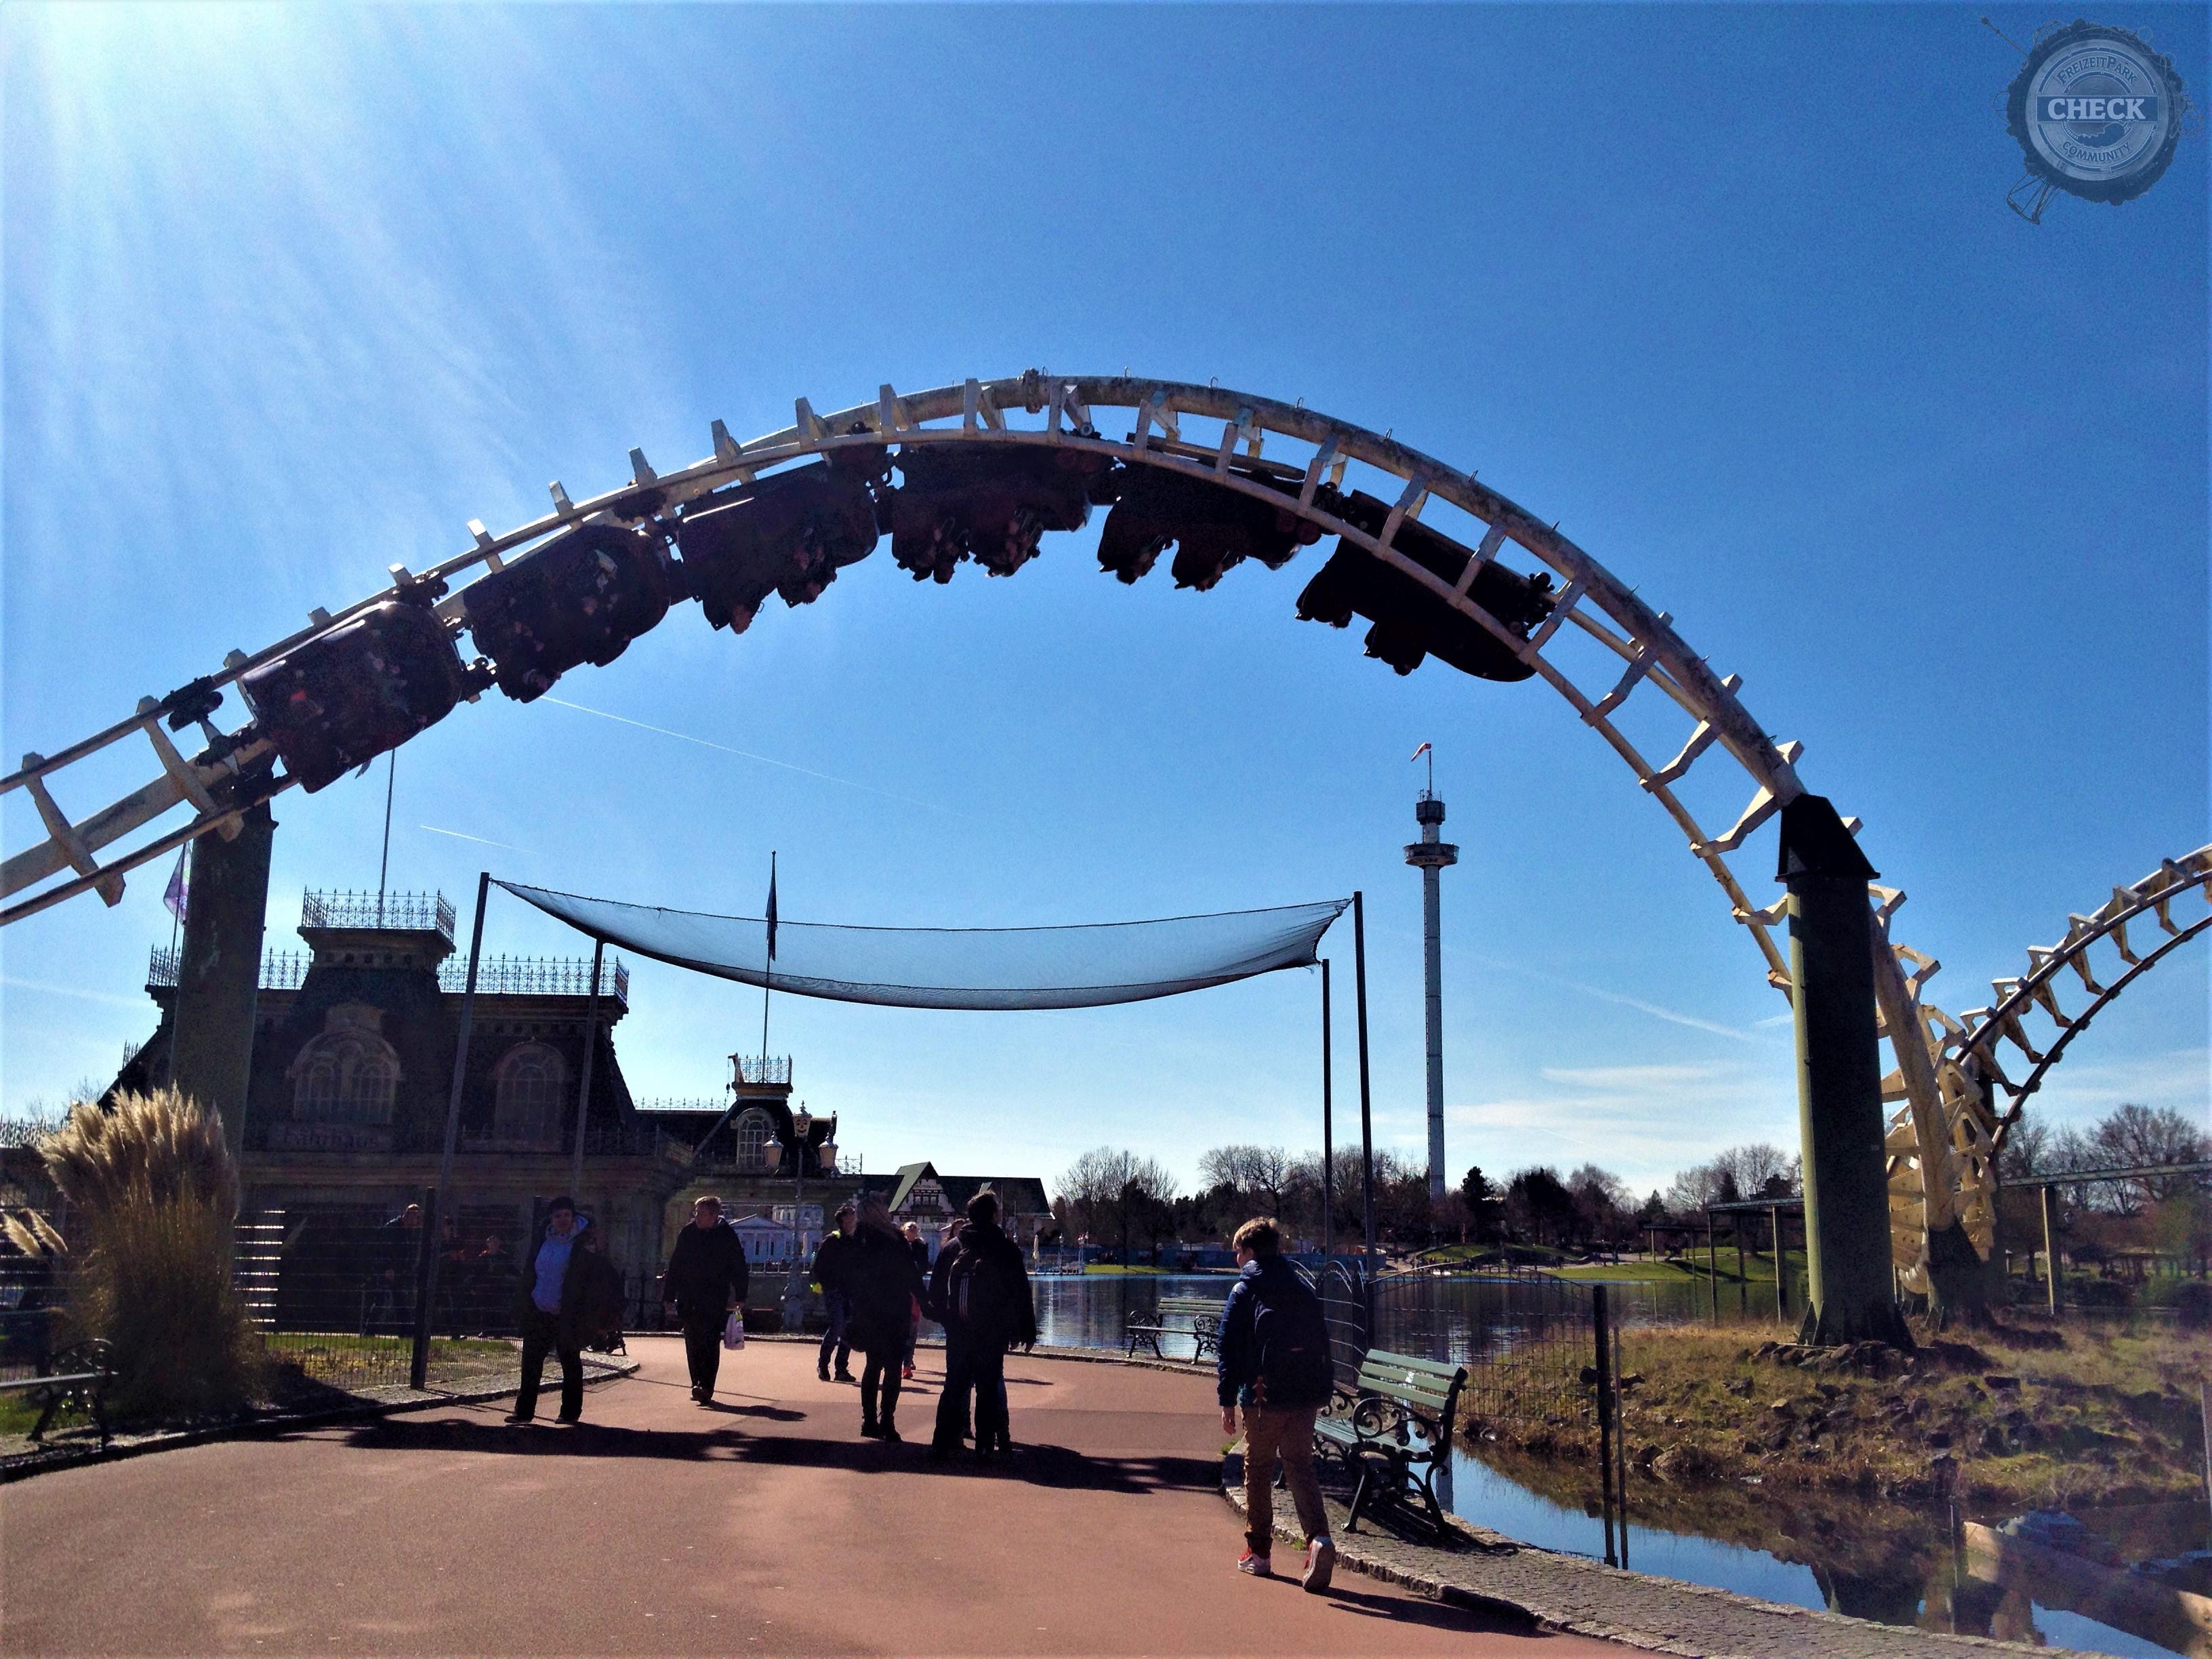 Big Loop Heide Park Galerie Freizeitparkcheck